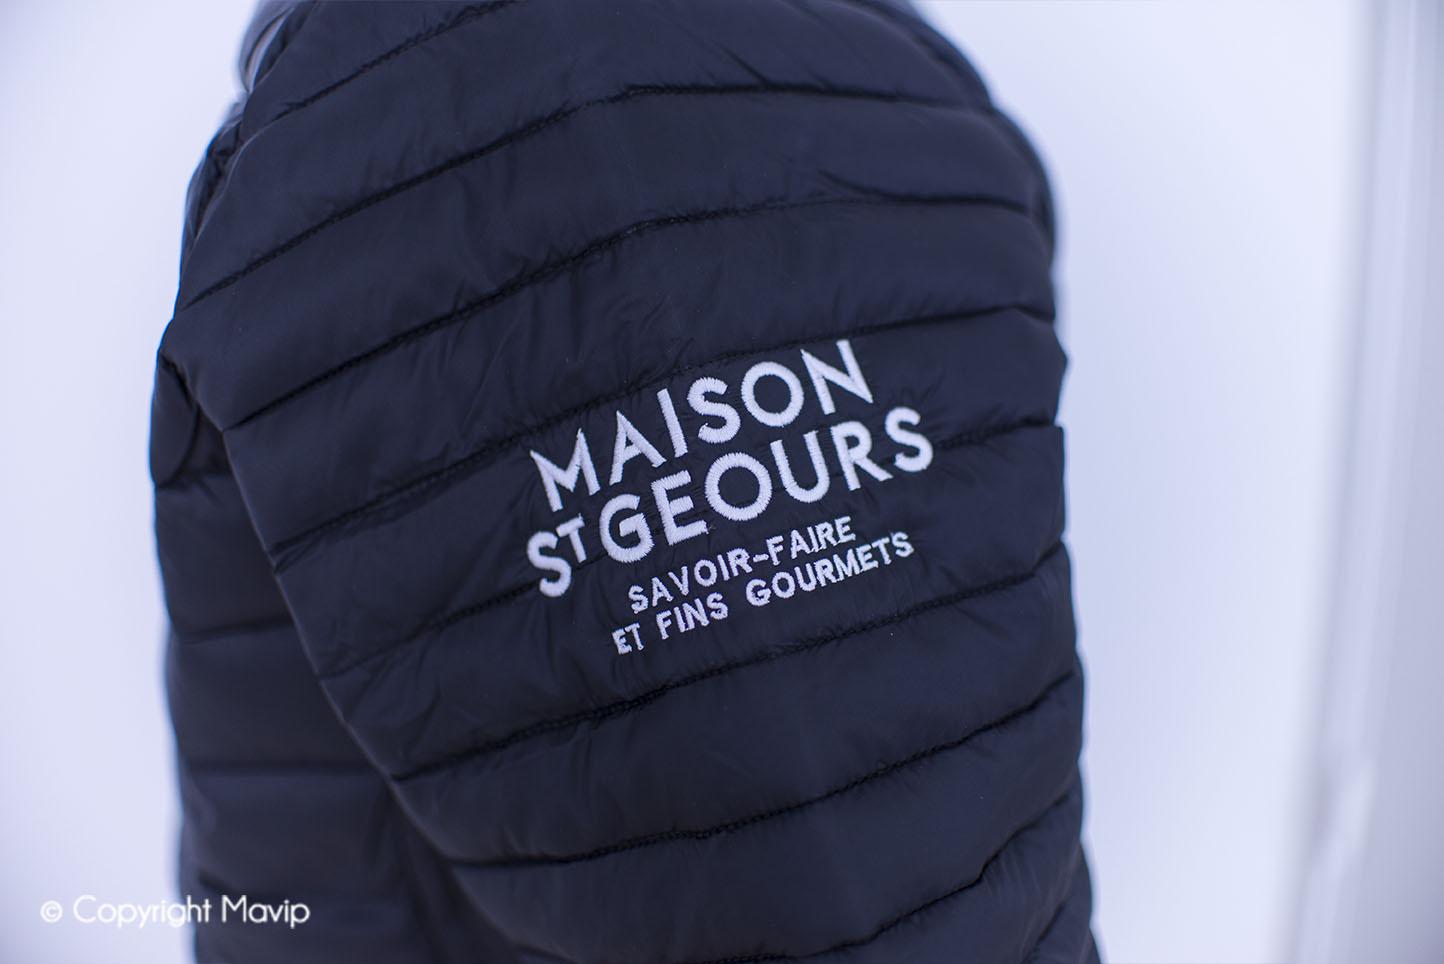 Doudoune textile publicitaire réalisée par Mavip